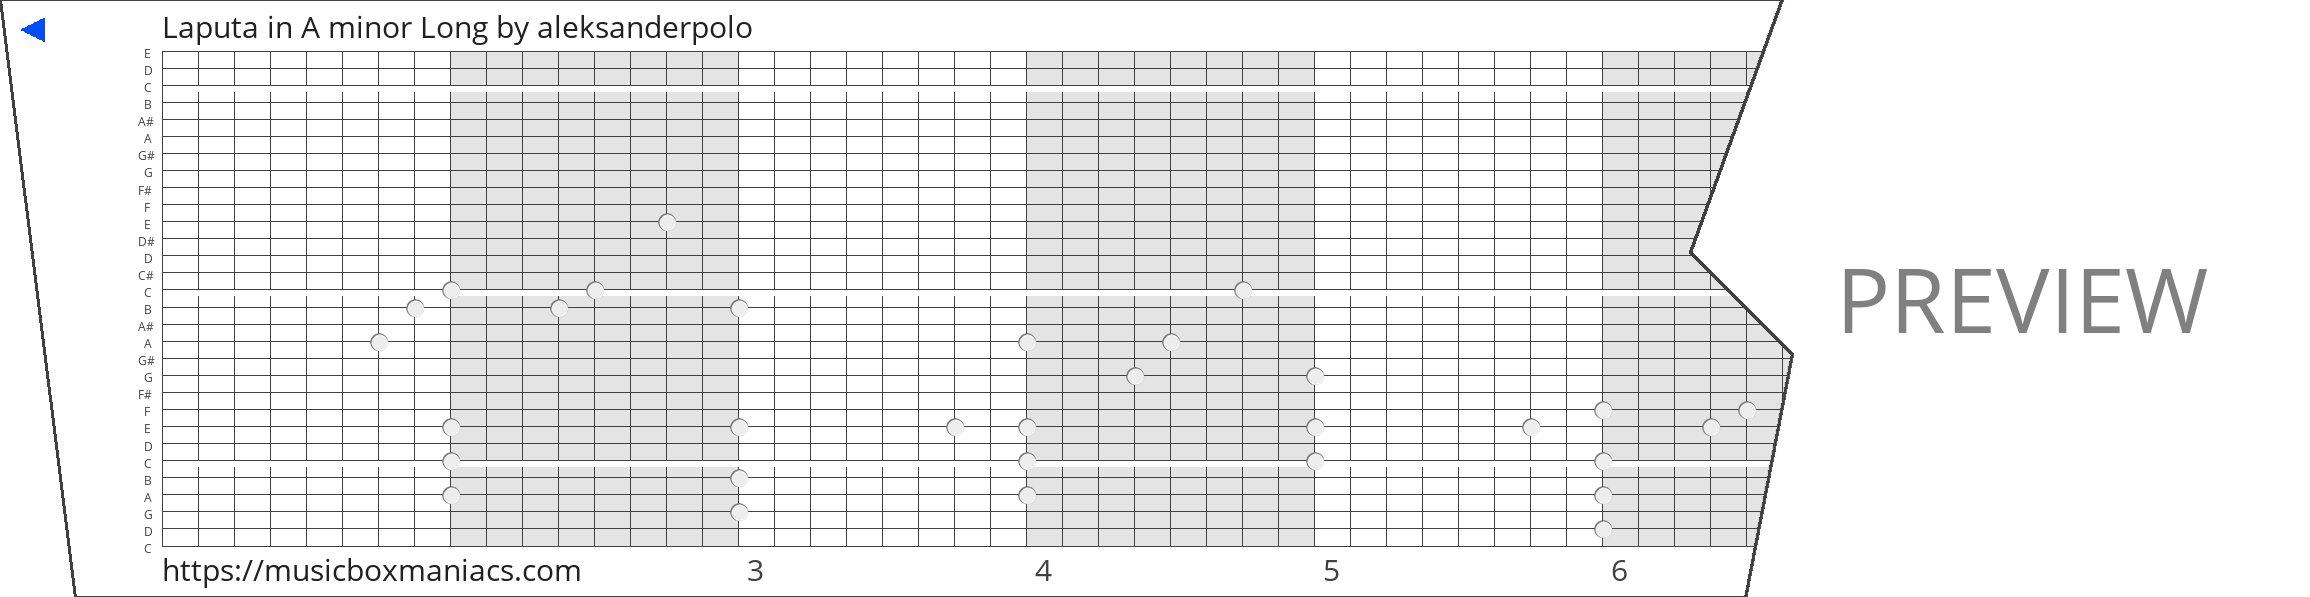 Laputa in A minor Long 30 note music box paper strip